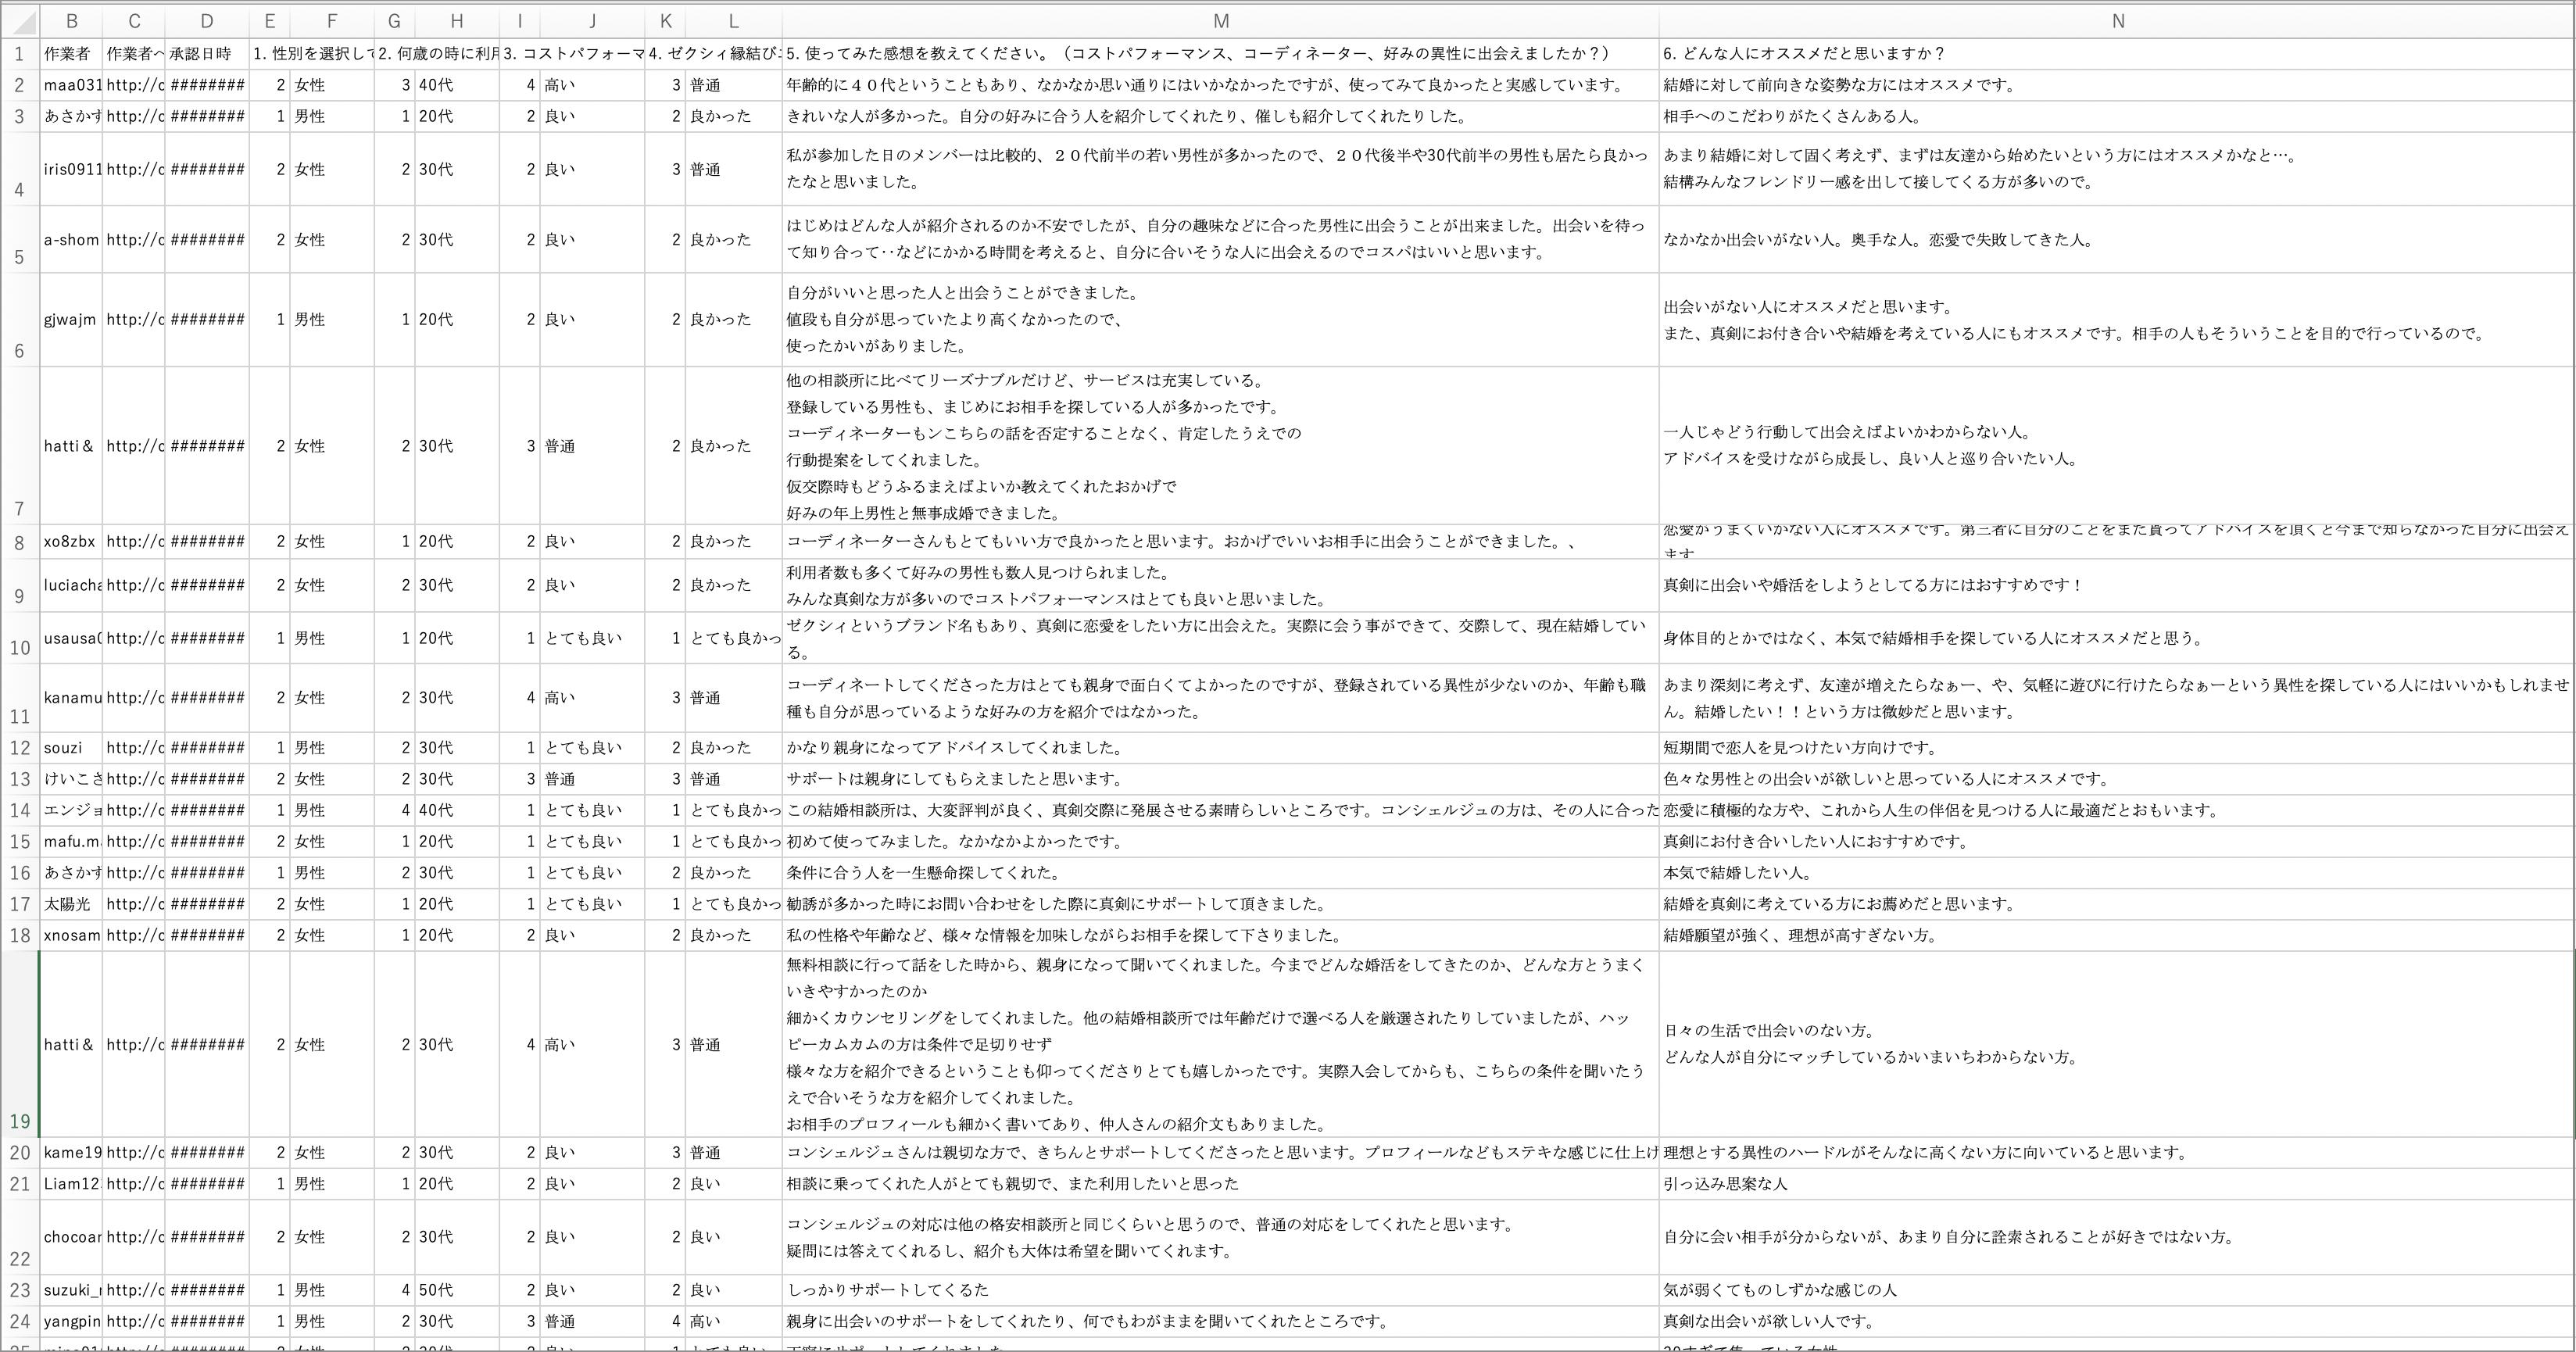 ゼゼクシィ口コミアンケート結果